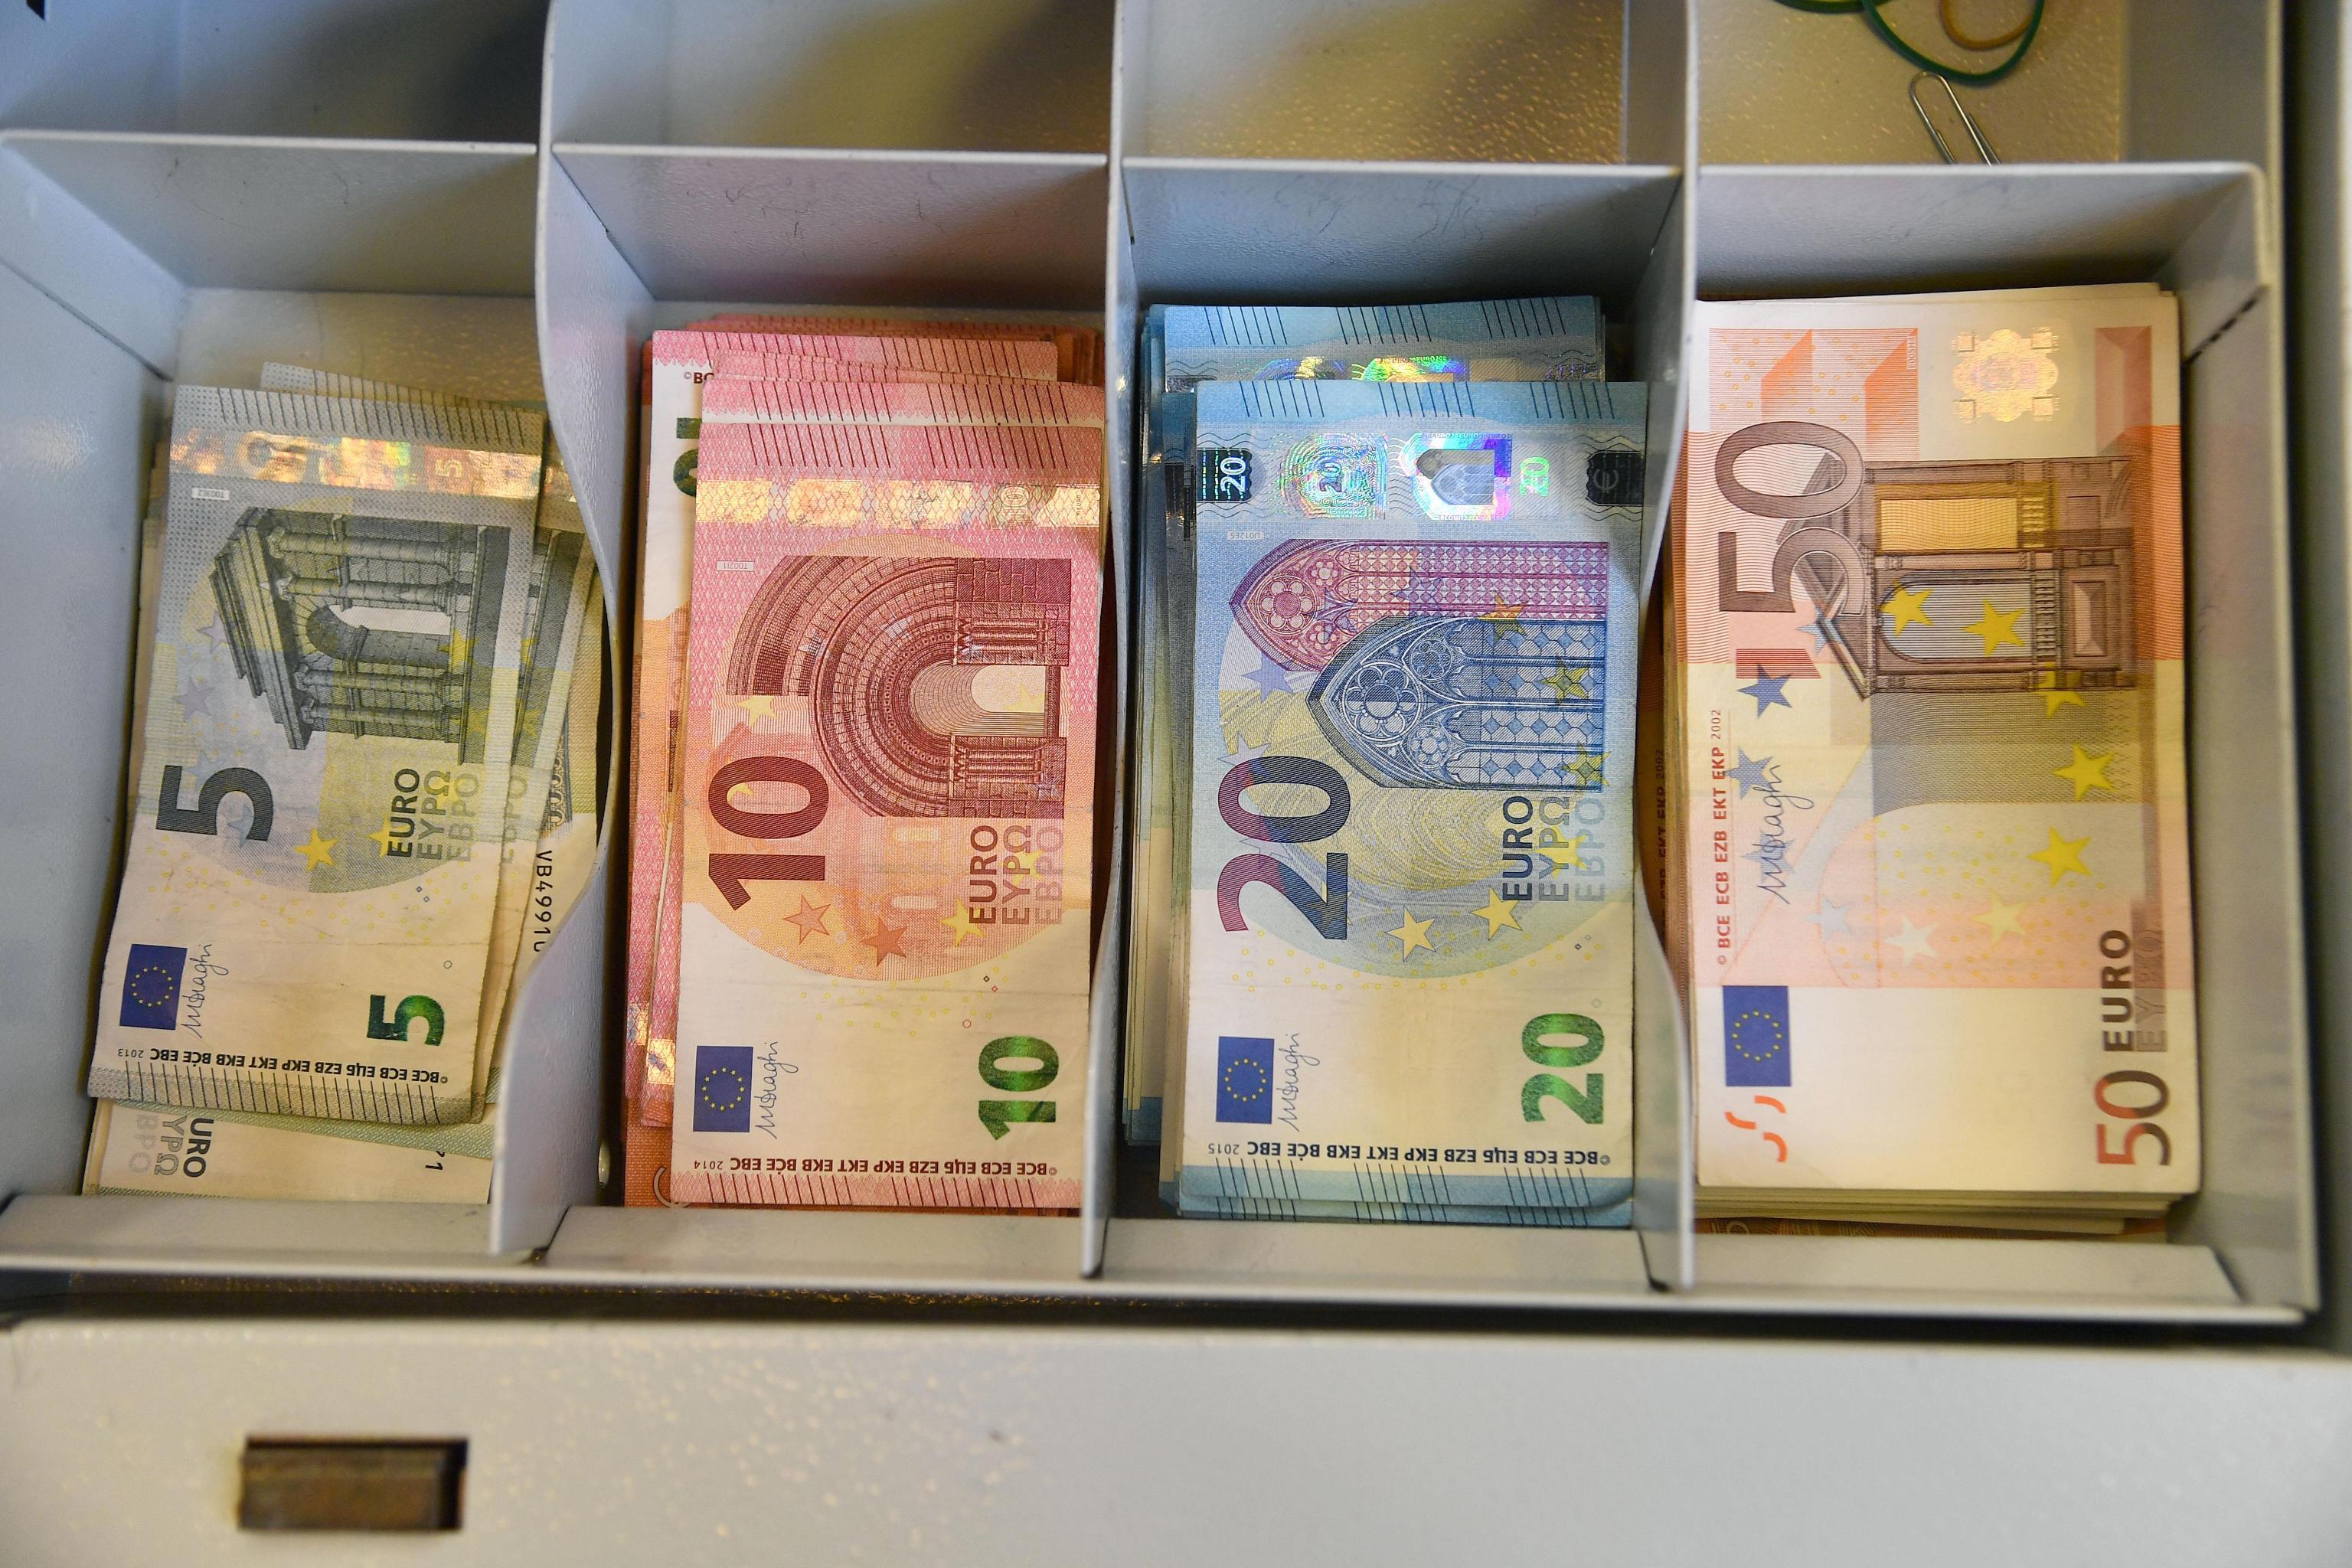 Trovano un libretto al portatore con mille lire: potrebbe valere 600mila euro